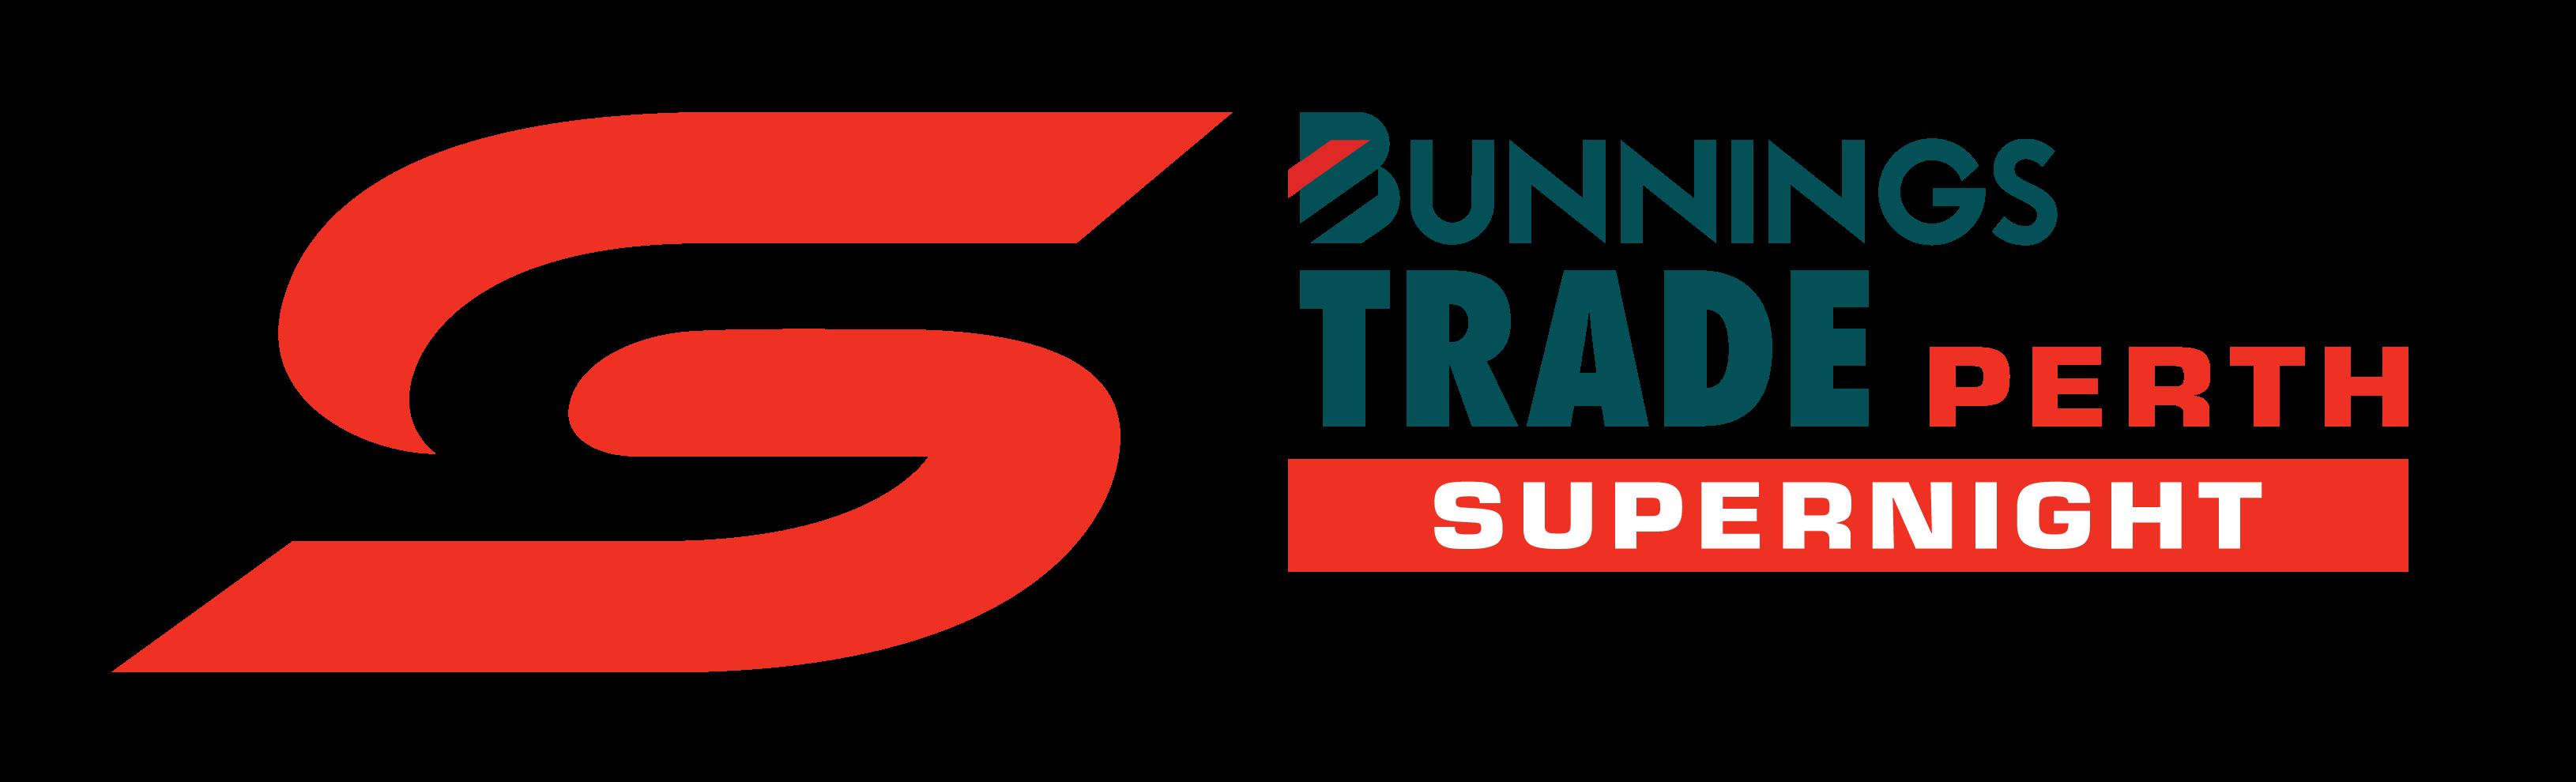 V8 Supercars - Bunnings Trade Perth SuperNight logo